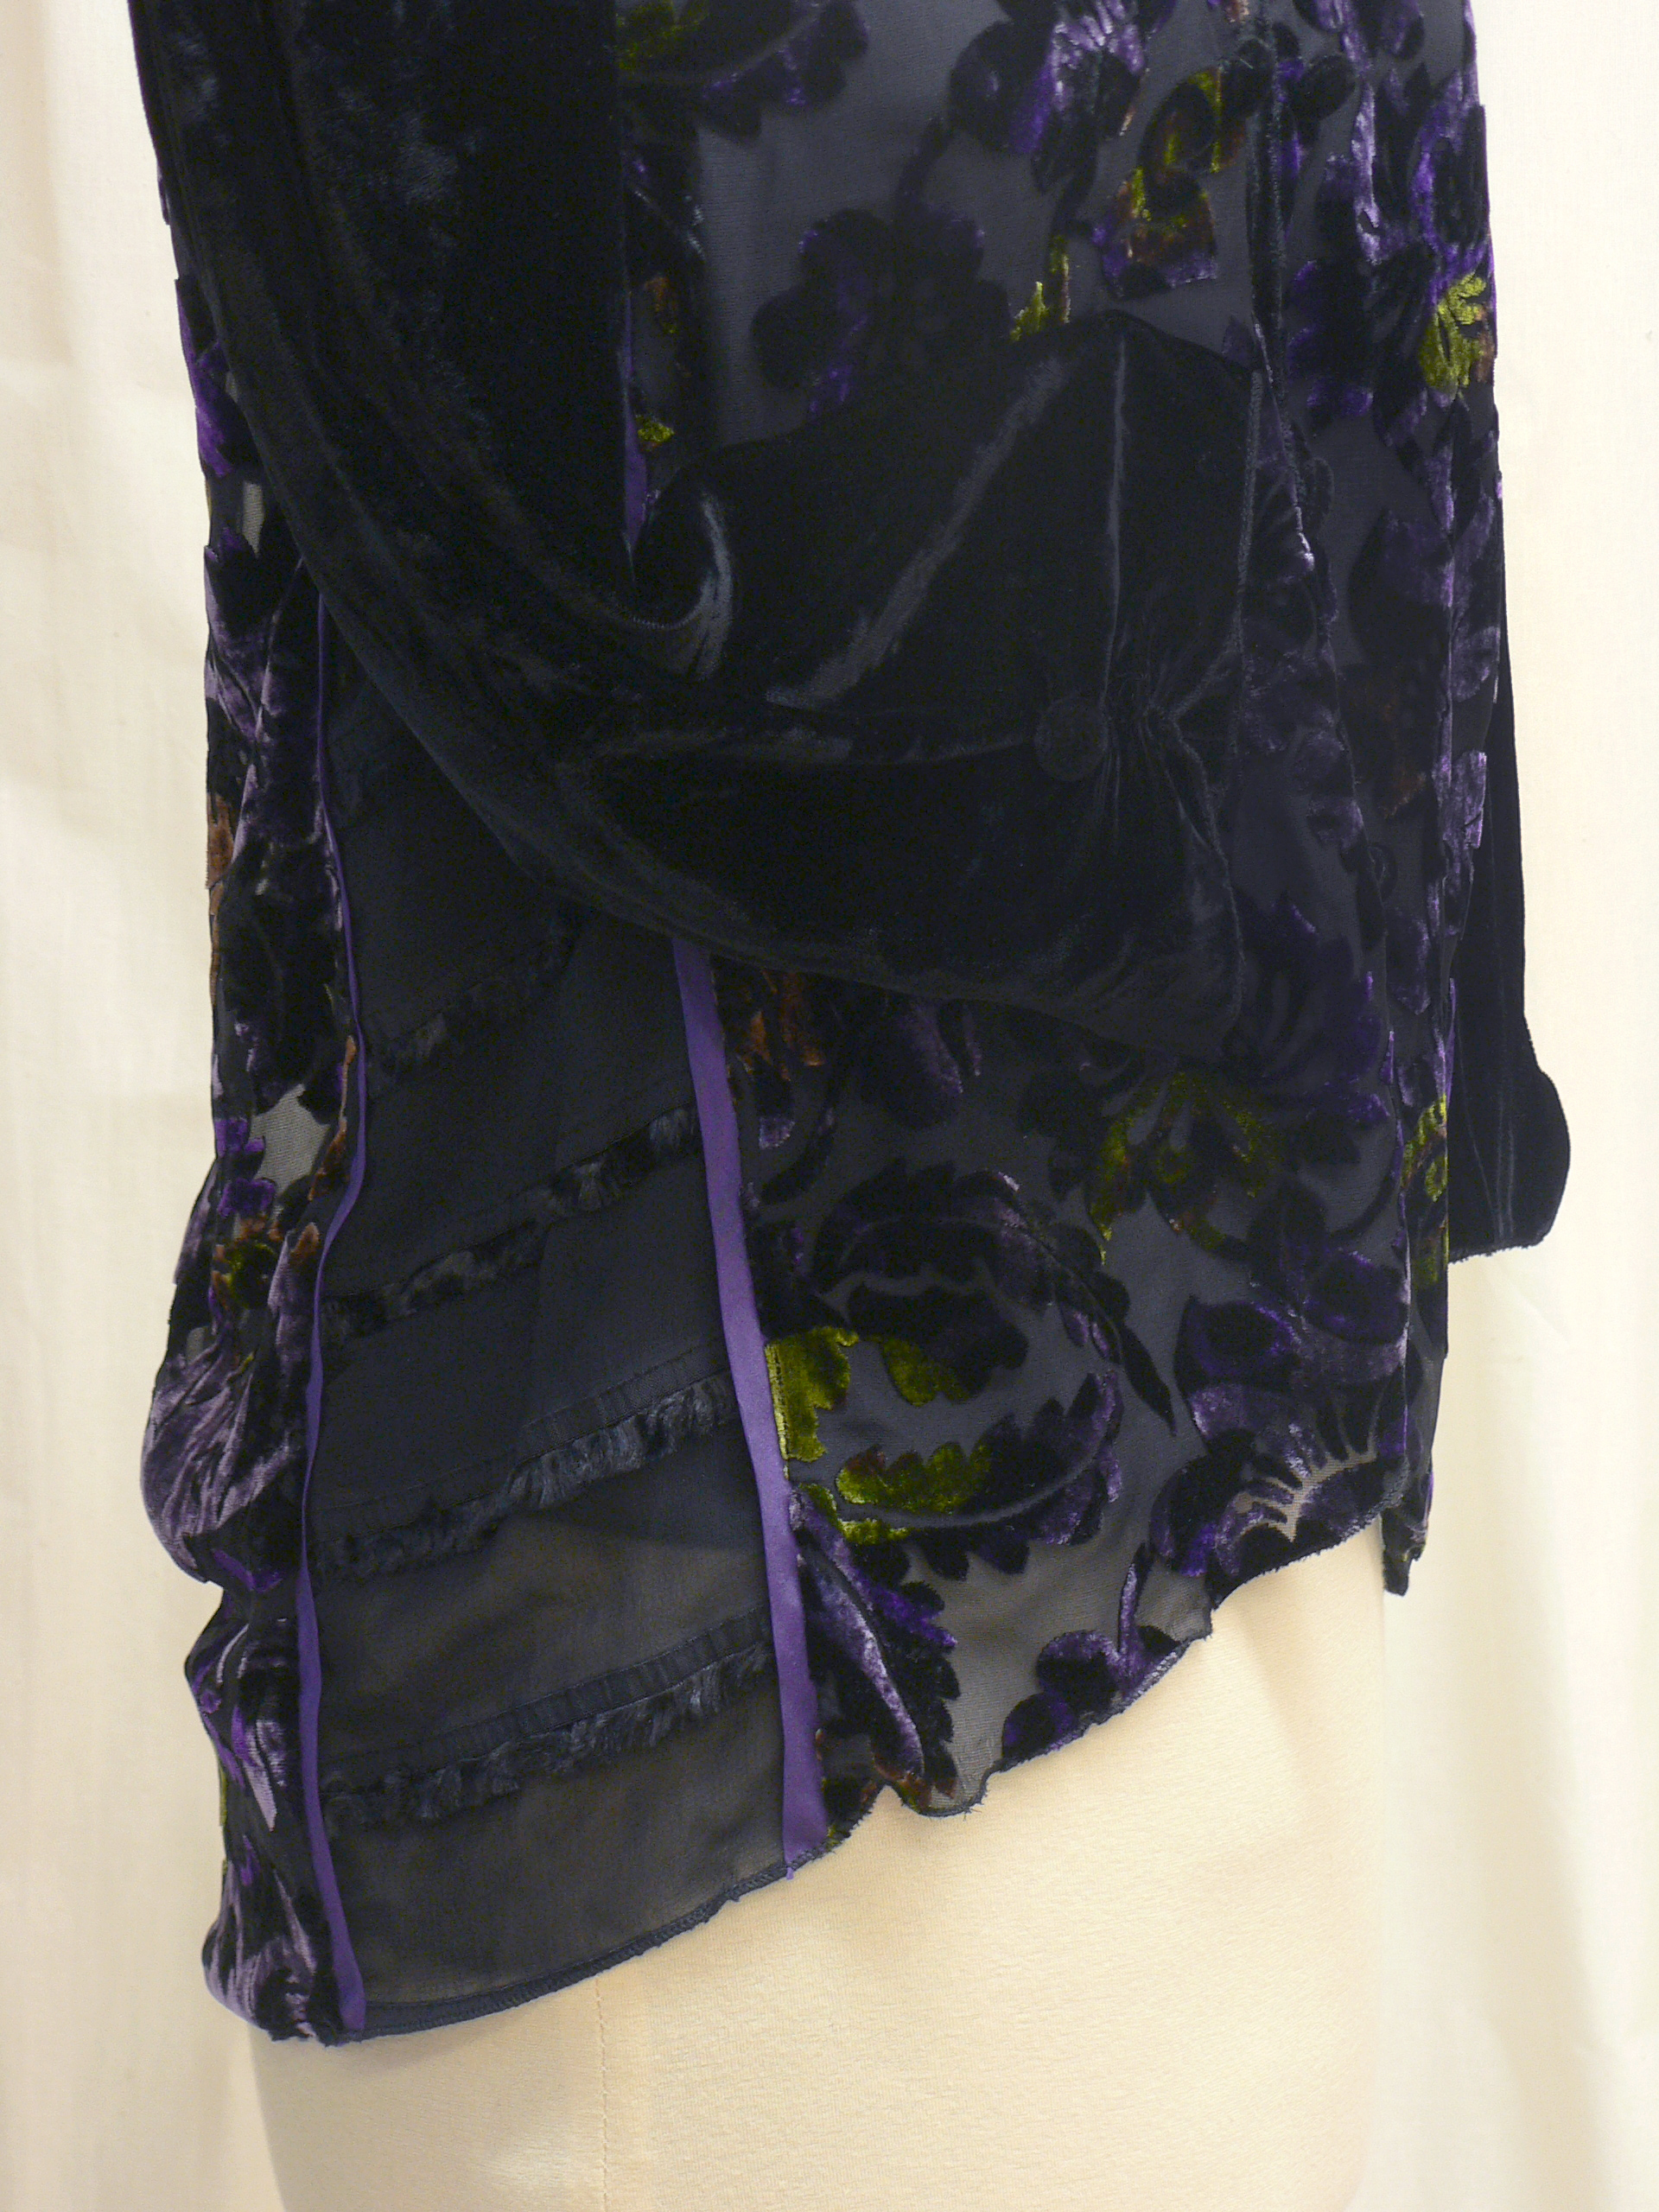 jacket12_side.jpg